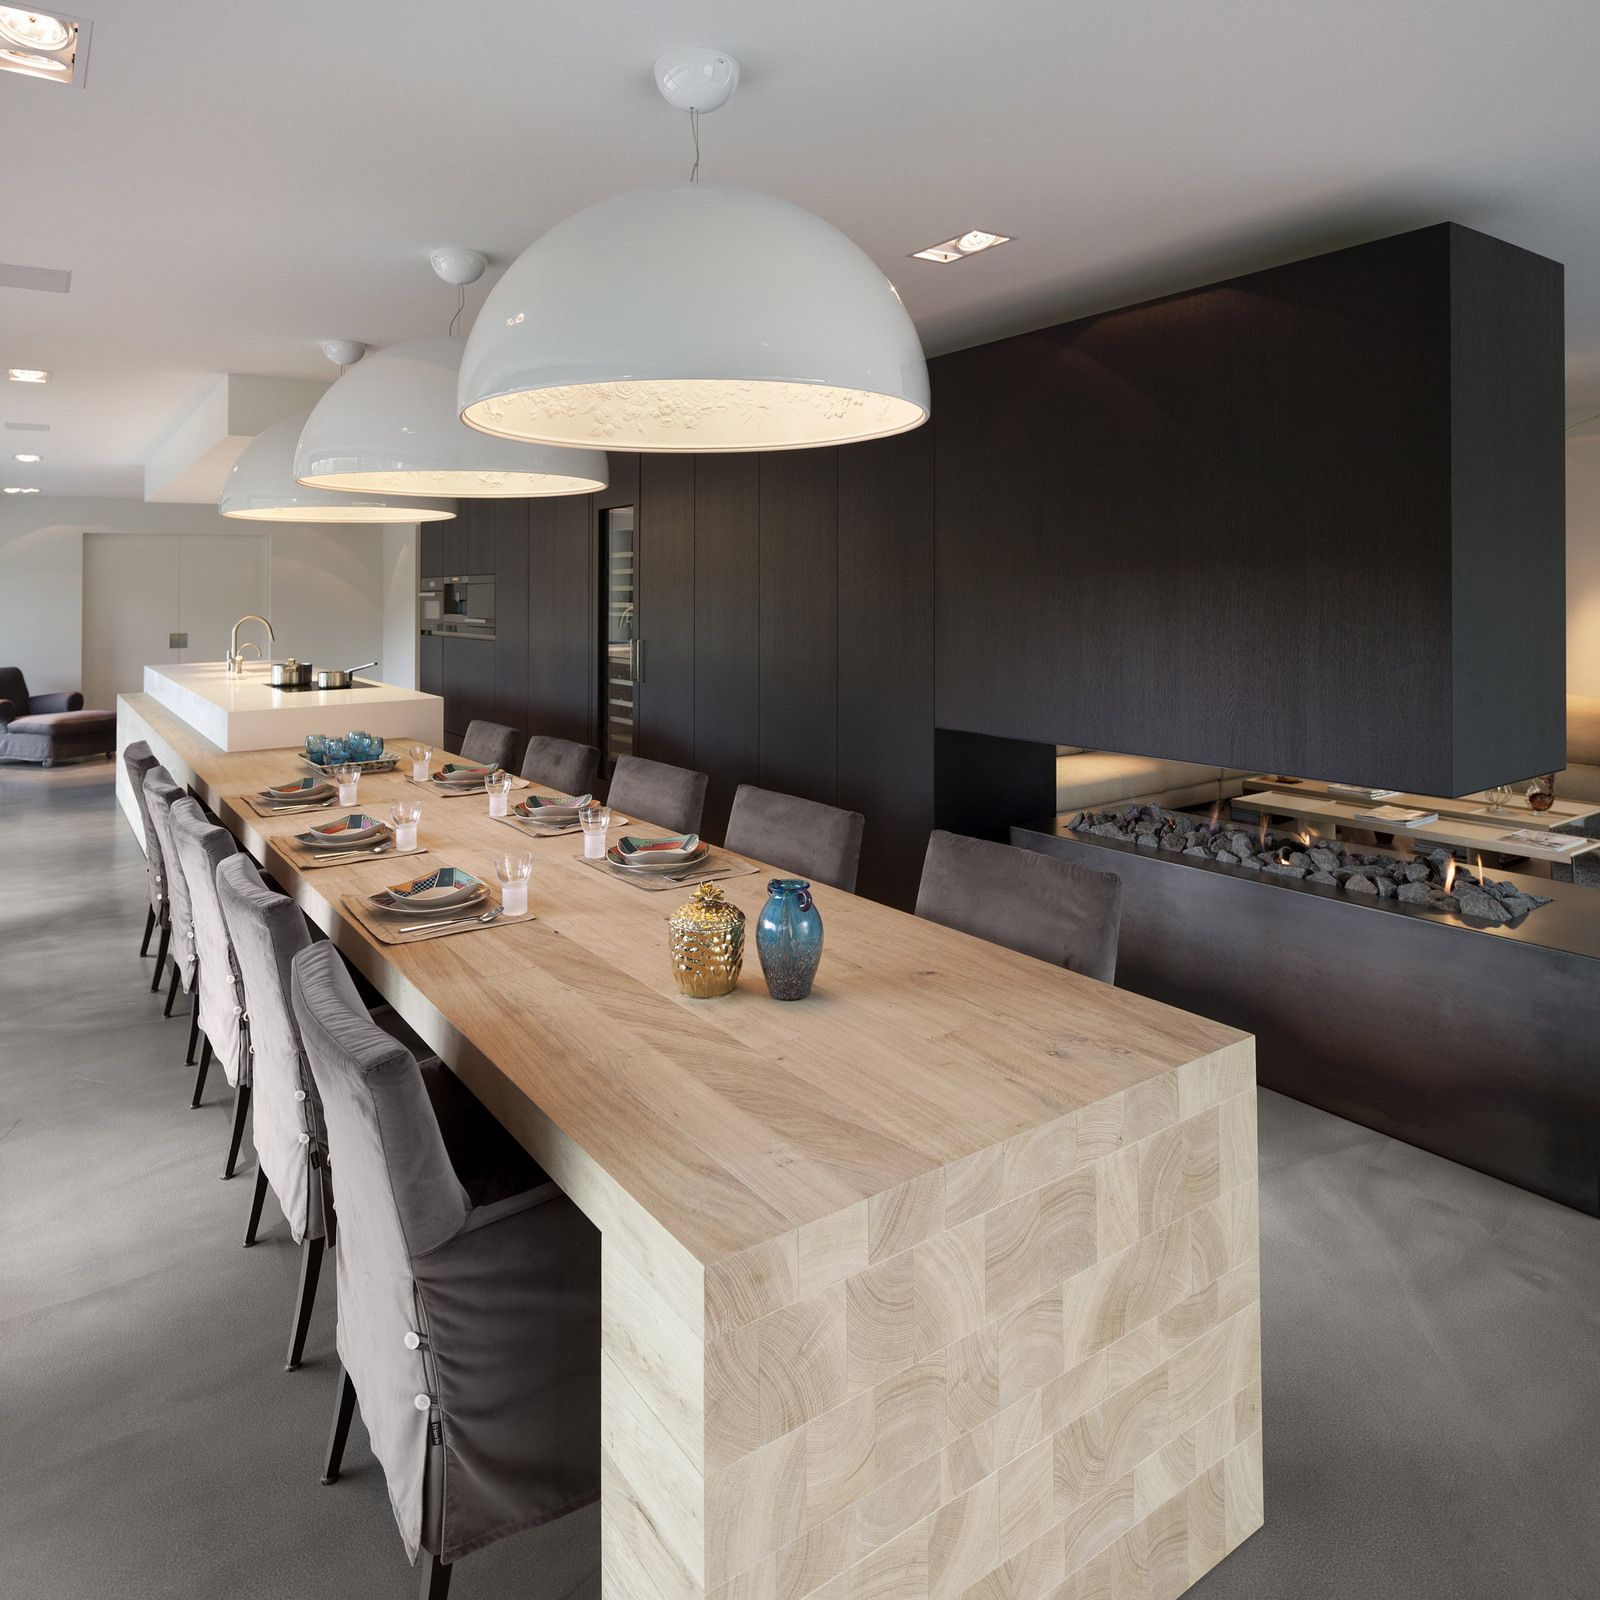 Cuisine Design Blanche Et Bois Avec îlot Voici Une Cuisine Trouvée - Cuisine design avec ilot